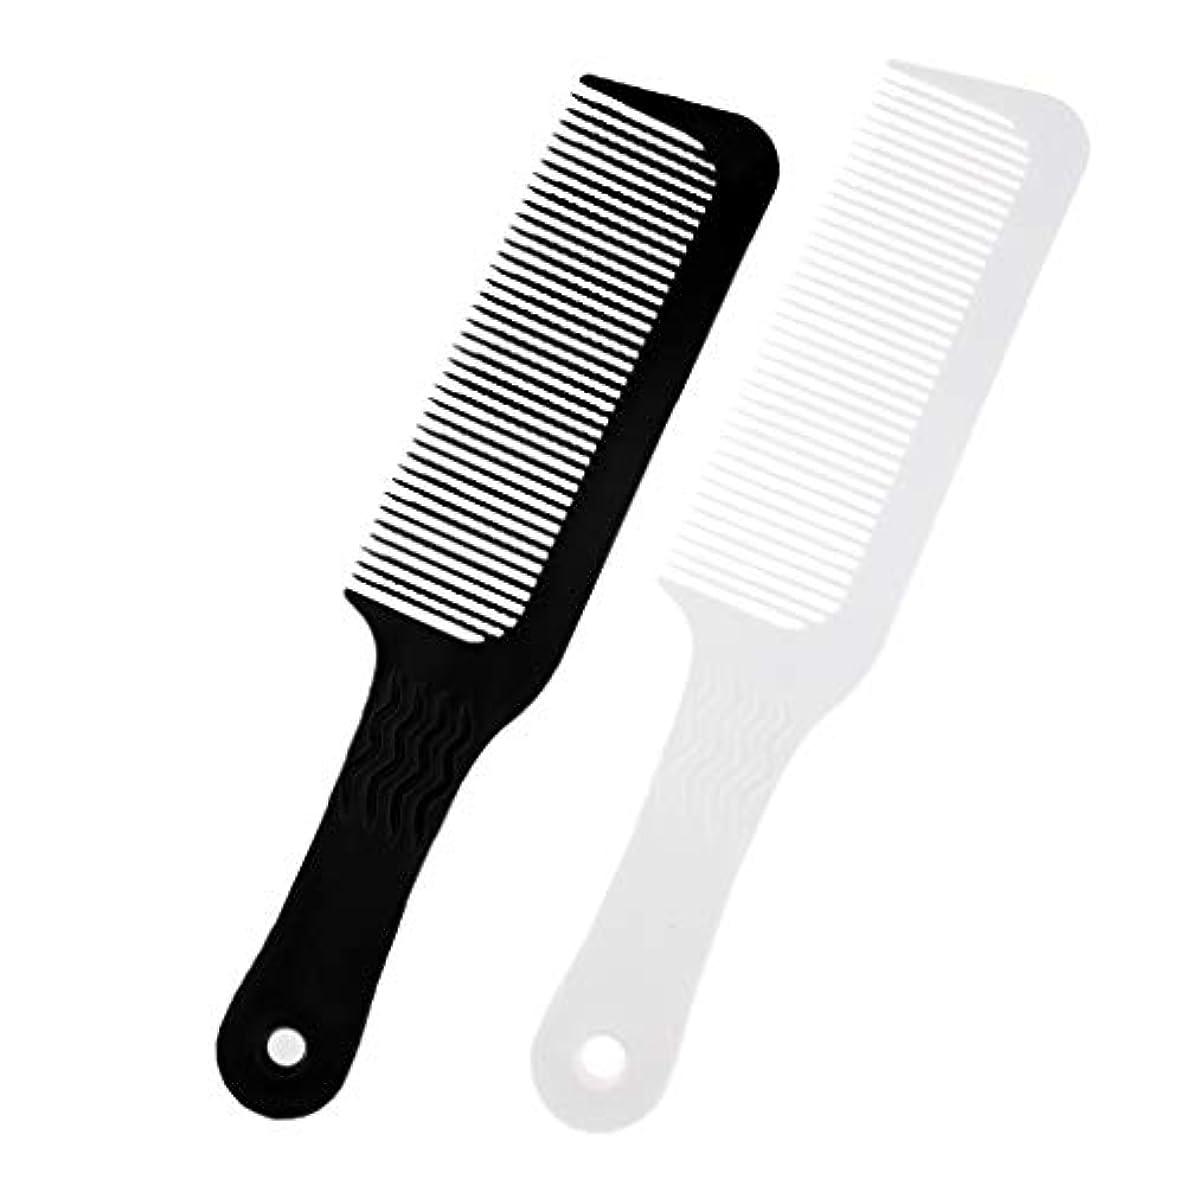 いつか反射折Toygogo プロ3ピース理髪サロンフラットトップクリッパーくし美容師スタイリング切削デタングルブラシツール